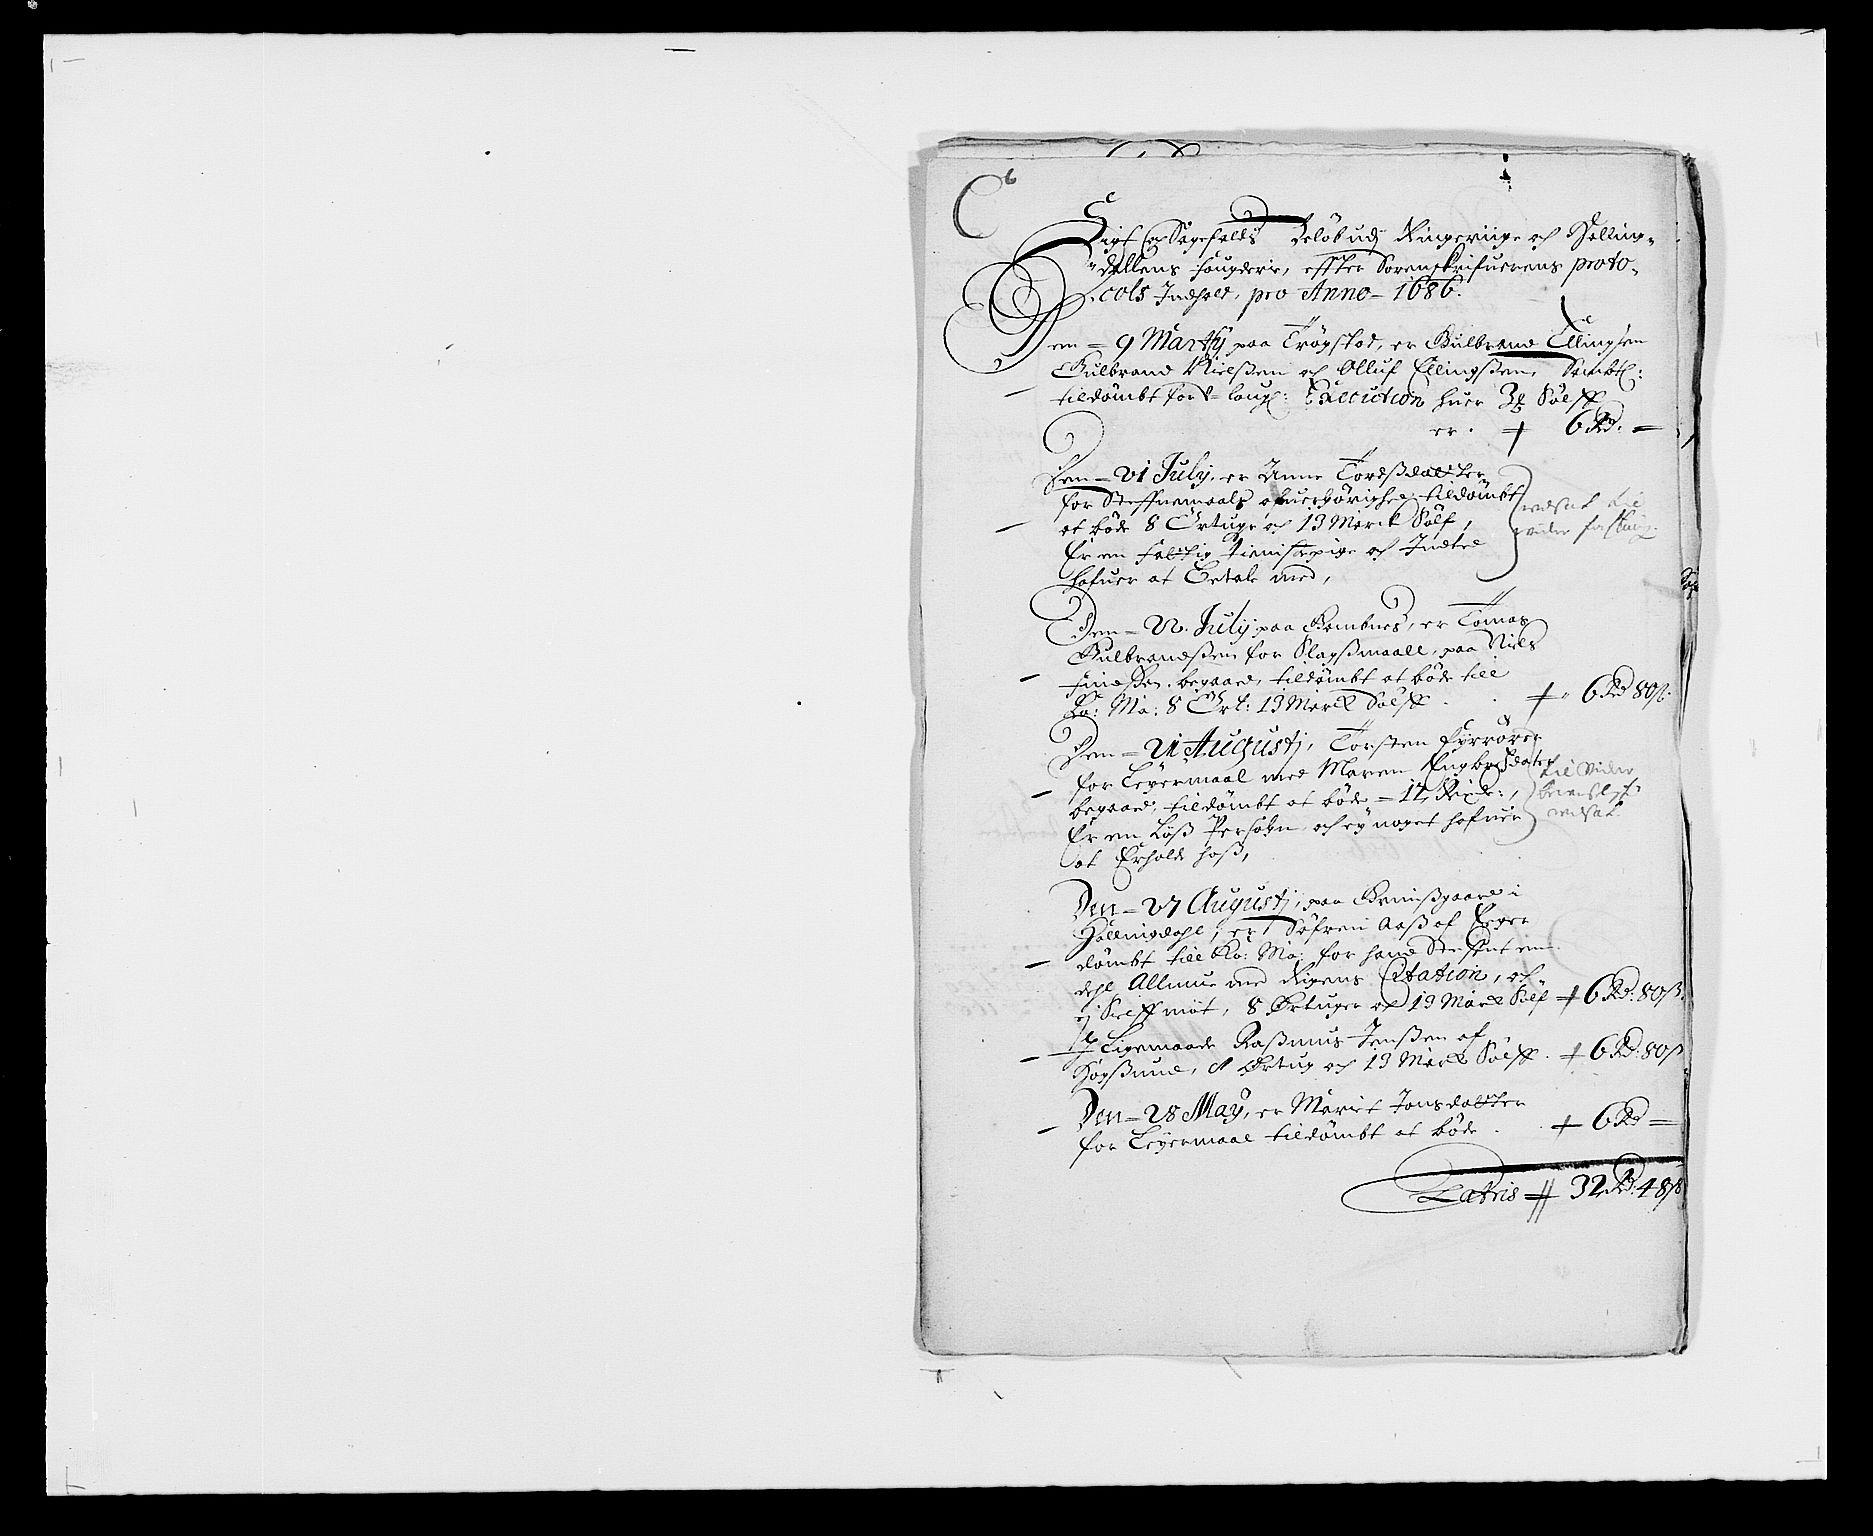 RA, Rentekammeret inntil 1814, Reviderte regnskaper, Fogderegnskap, R21/L1446: Fogderegnskap Ringerike og Hallingdal, 1683-1686, s. 452